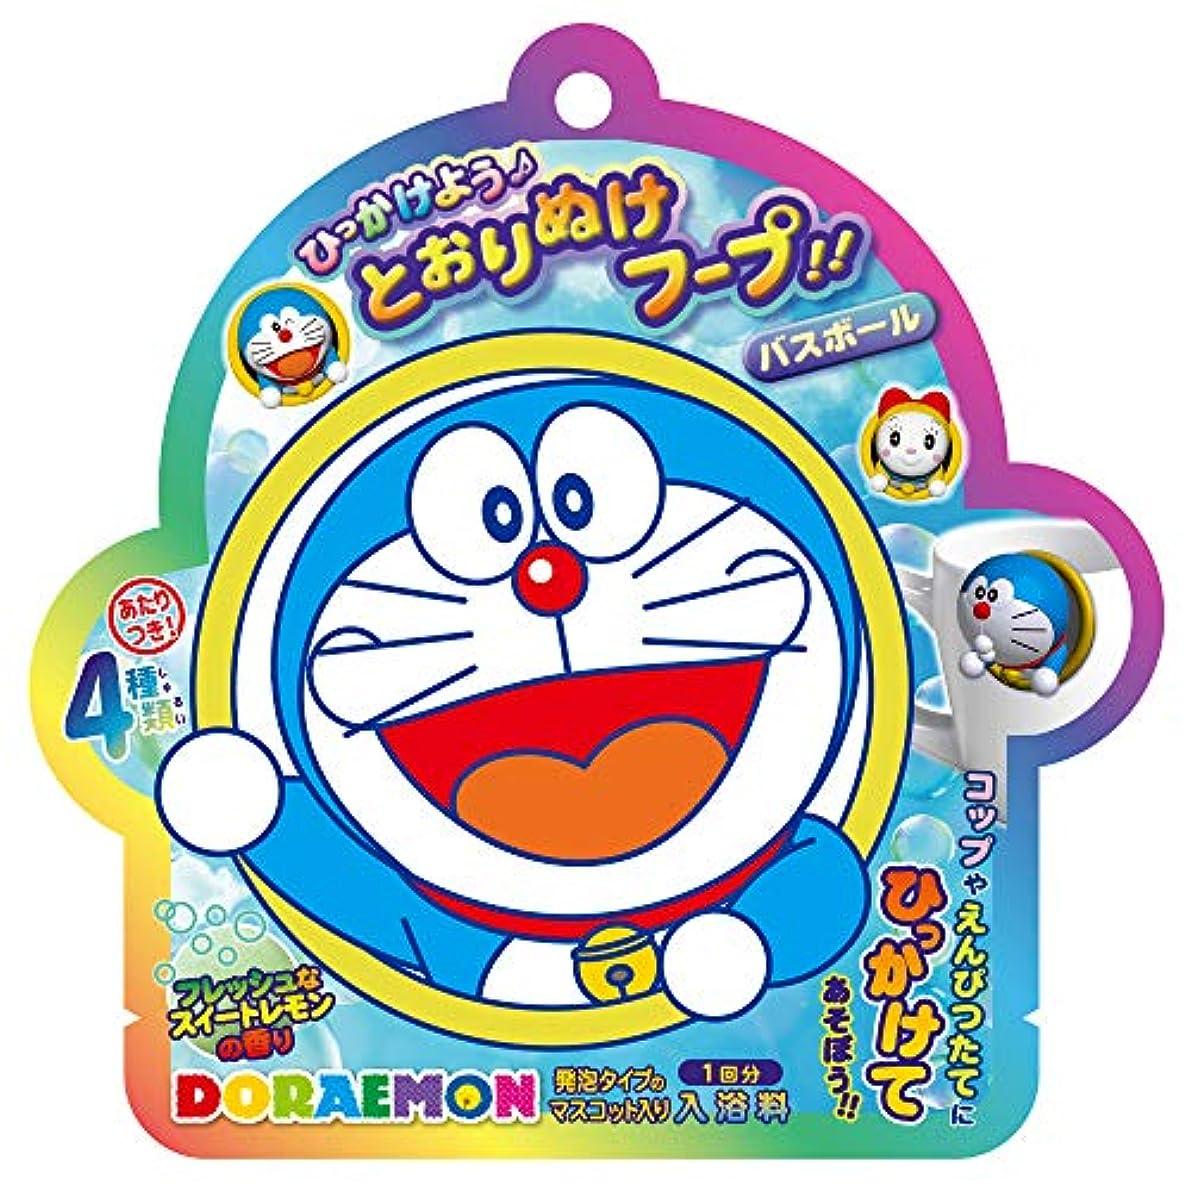 注入する剃る通りドラえもん 入浴剤 バスボール とおりぬけフープ おまけ付き スイートレモンの香り 60g OB-DOB-5-01